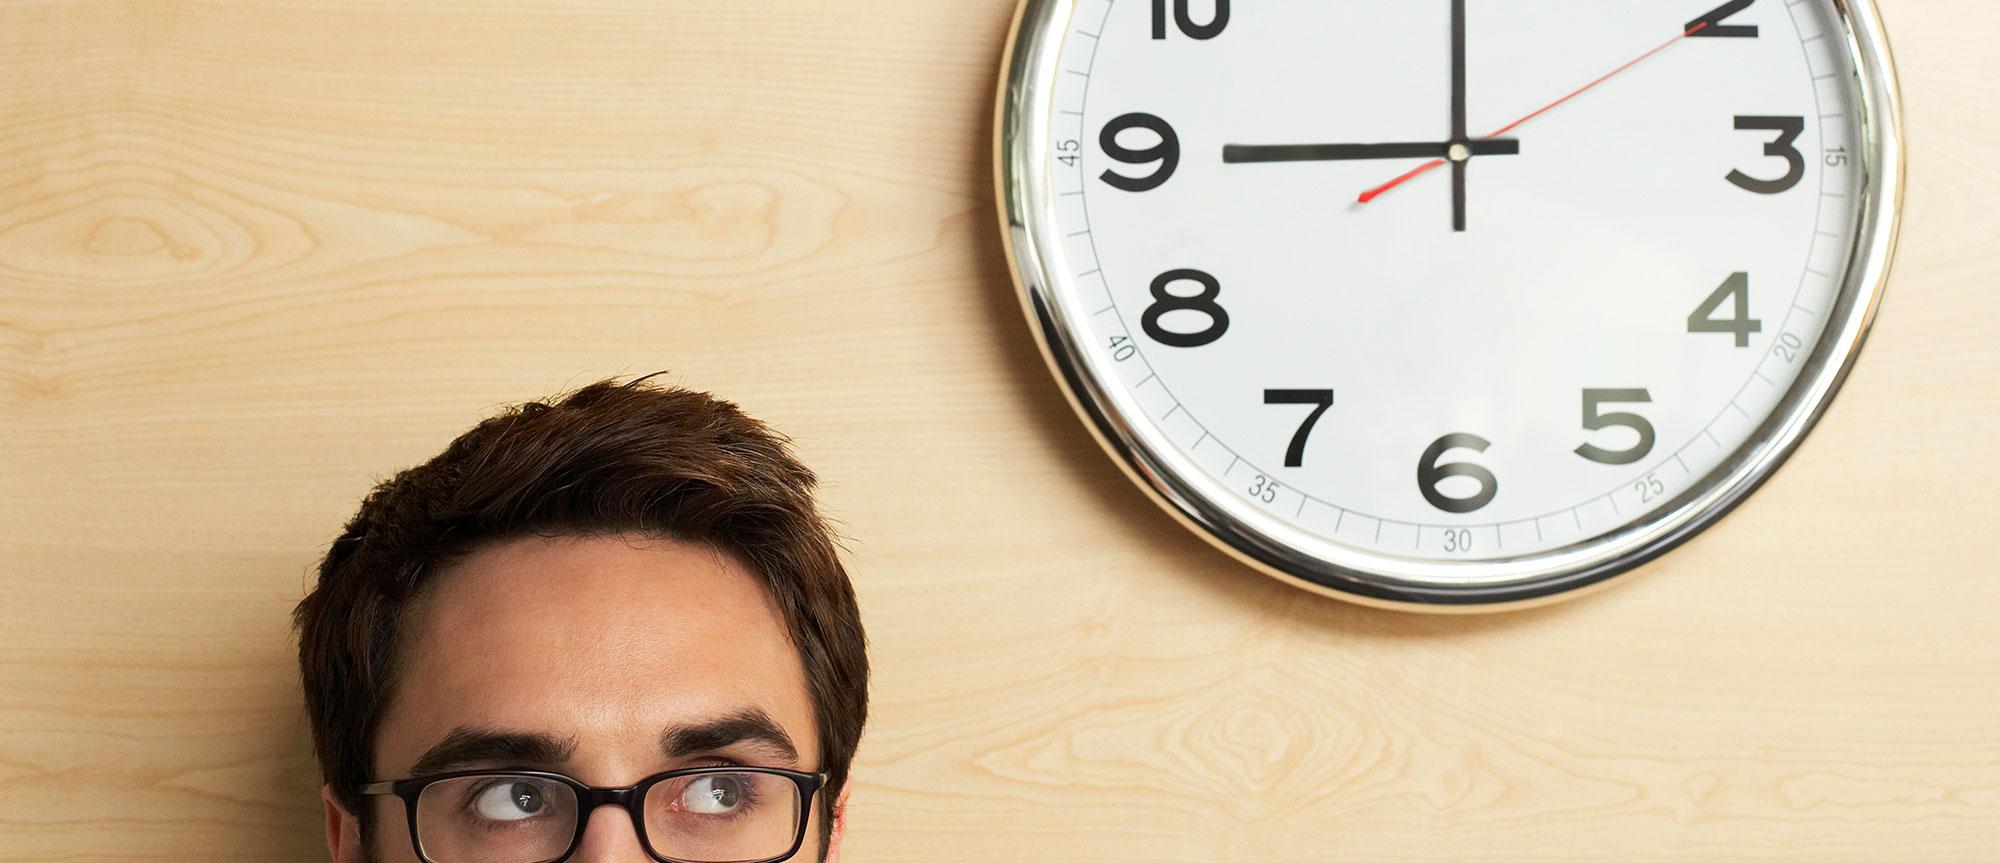 gerenciar o tempo